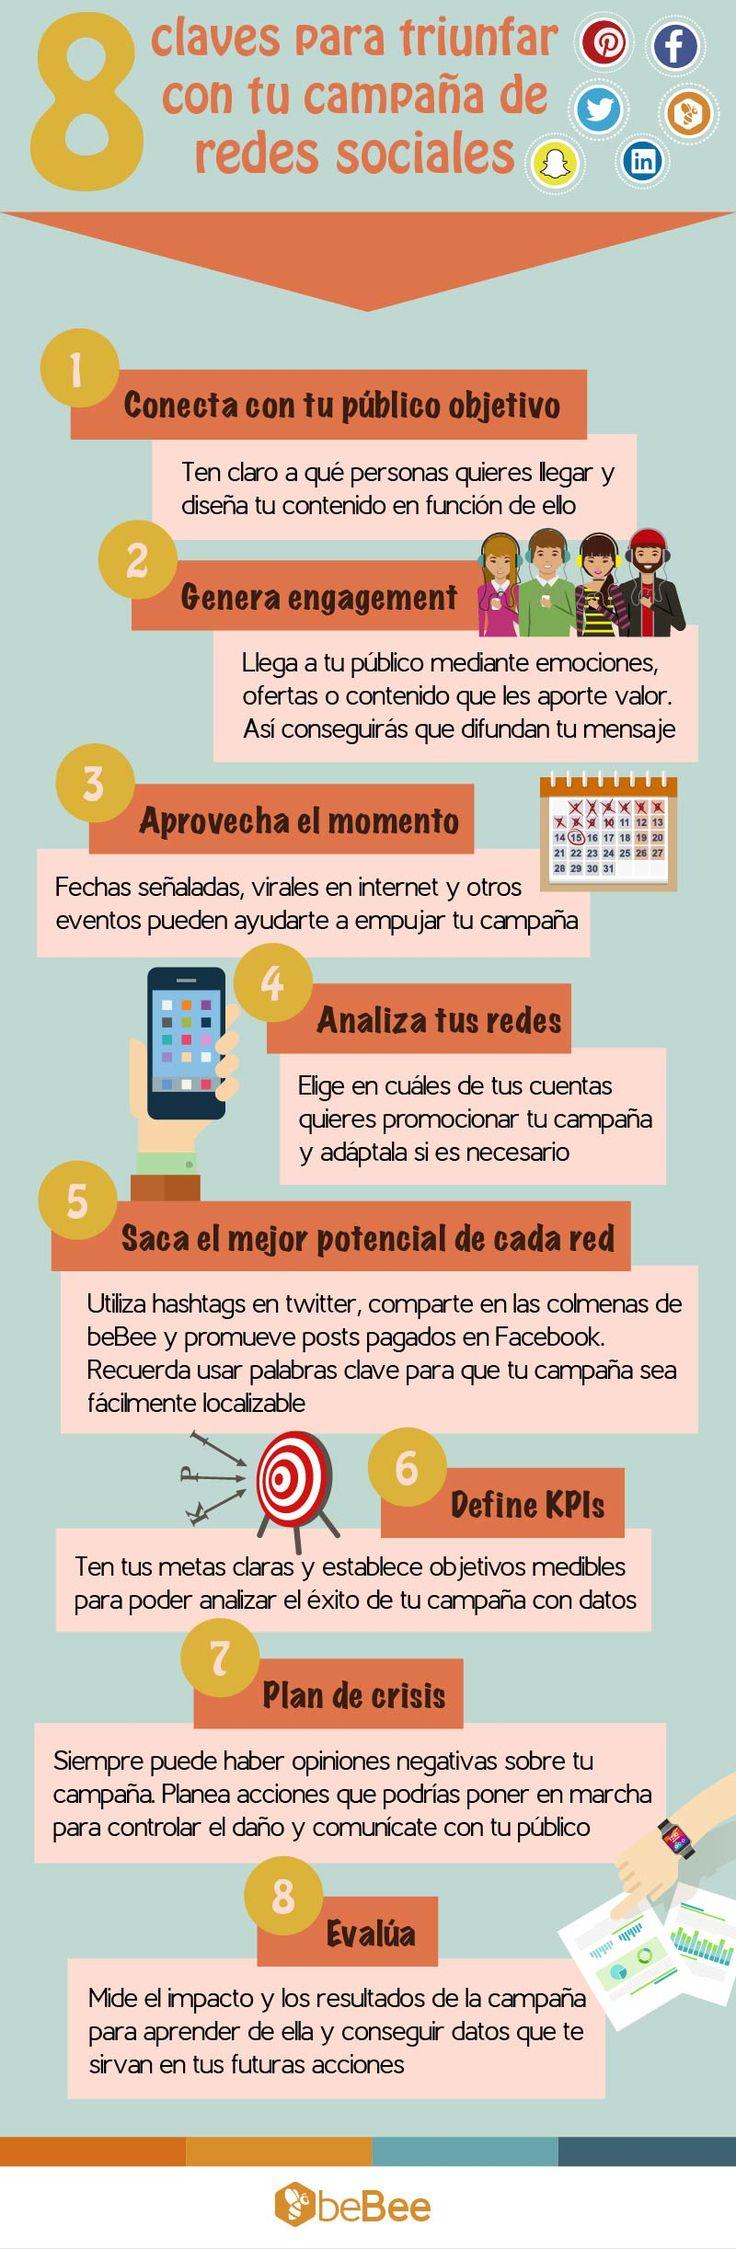 8 claves para triunfar con tu campaña de redes sociales #Infografía #RedesSociales #SocialMedia